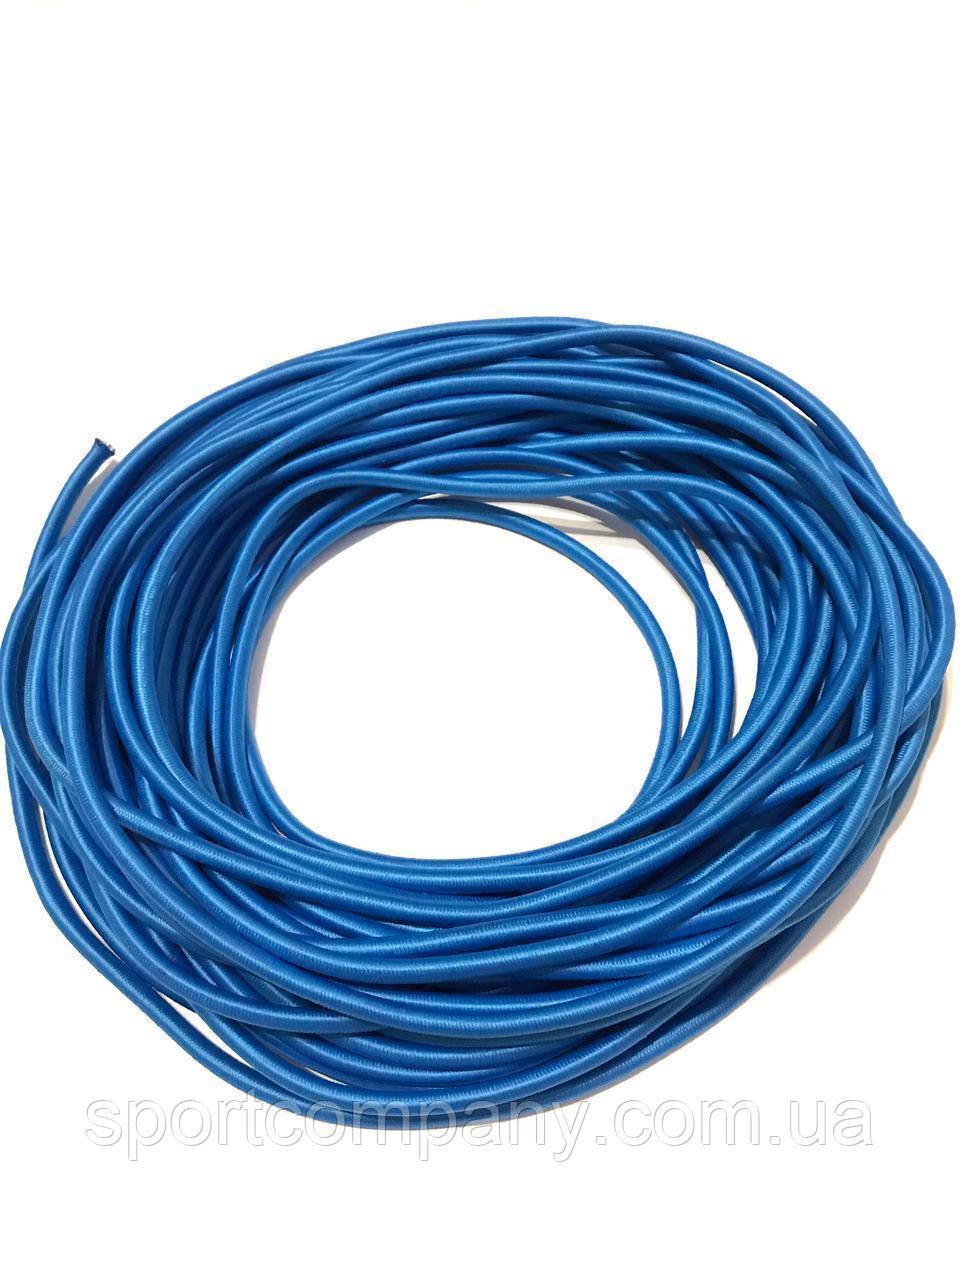 Жгут спортивный резиновый в тканевой оплетке ( резина, d-8 мм, I-1000 см, голубой ) rez.zhyt8blue